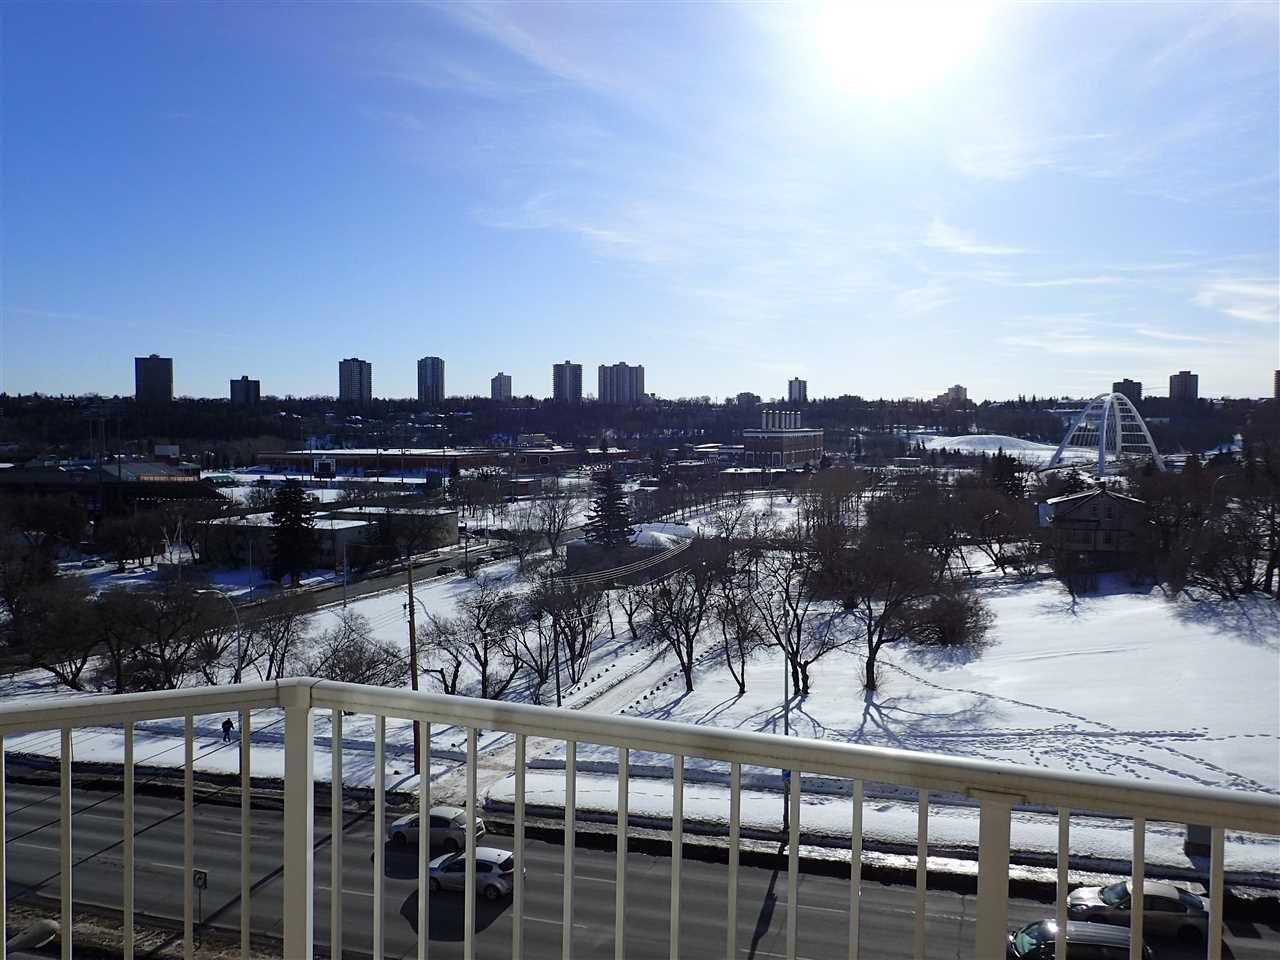 Main Photo: 506 9707 105 Street in Edmonton: Zone 12 Condo for sale : MLS®# E4173326